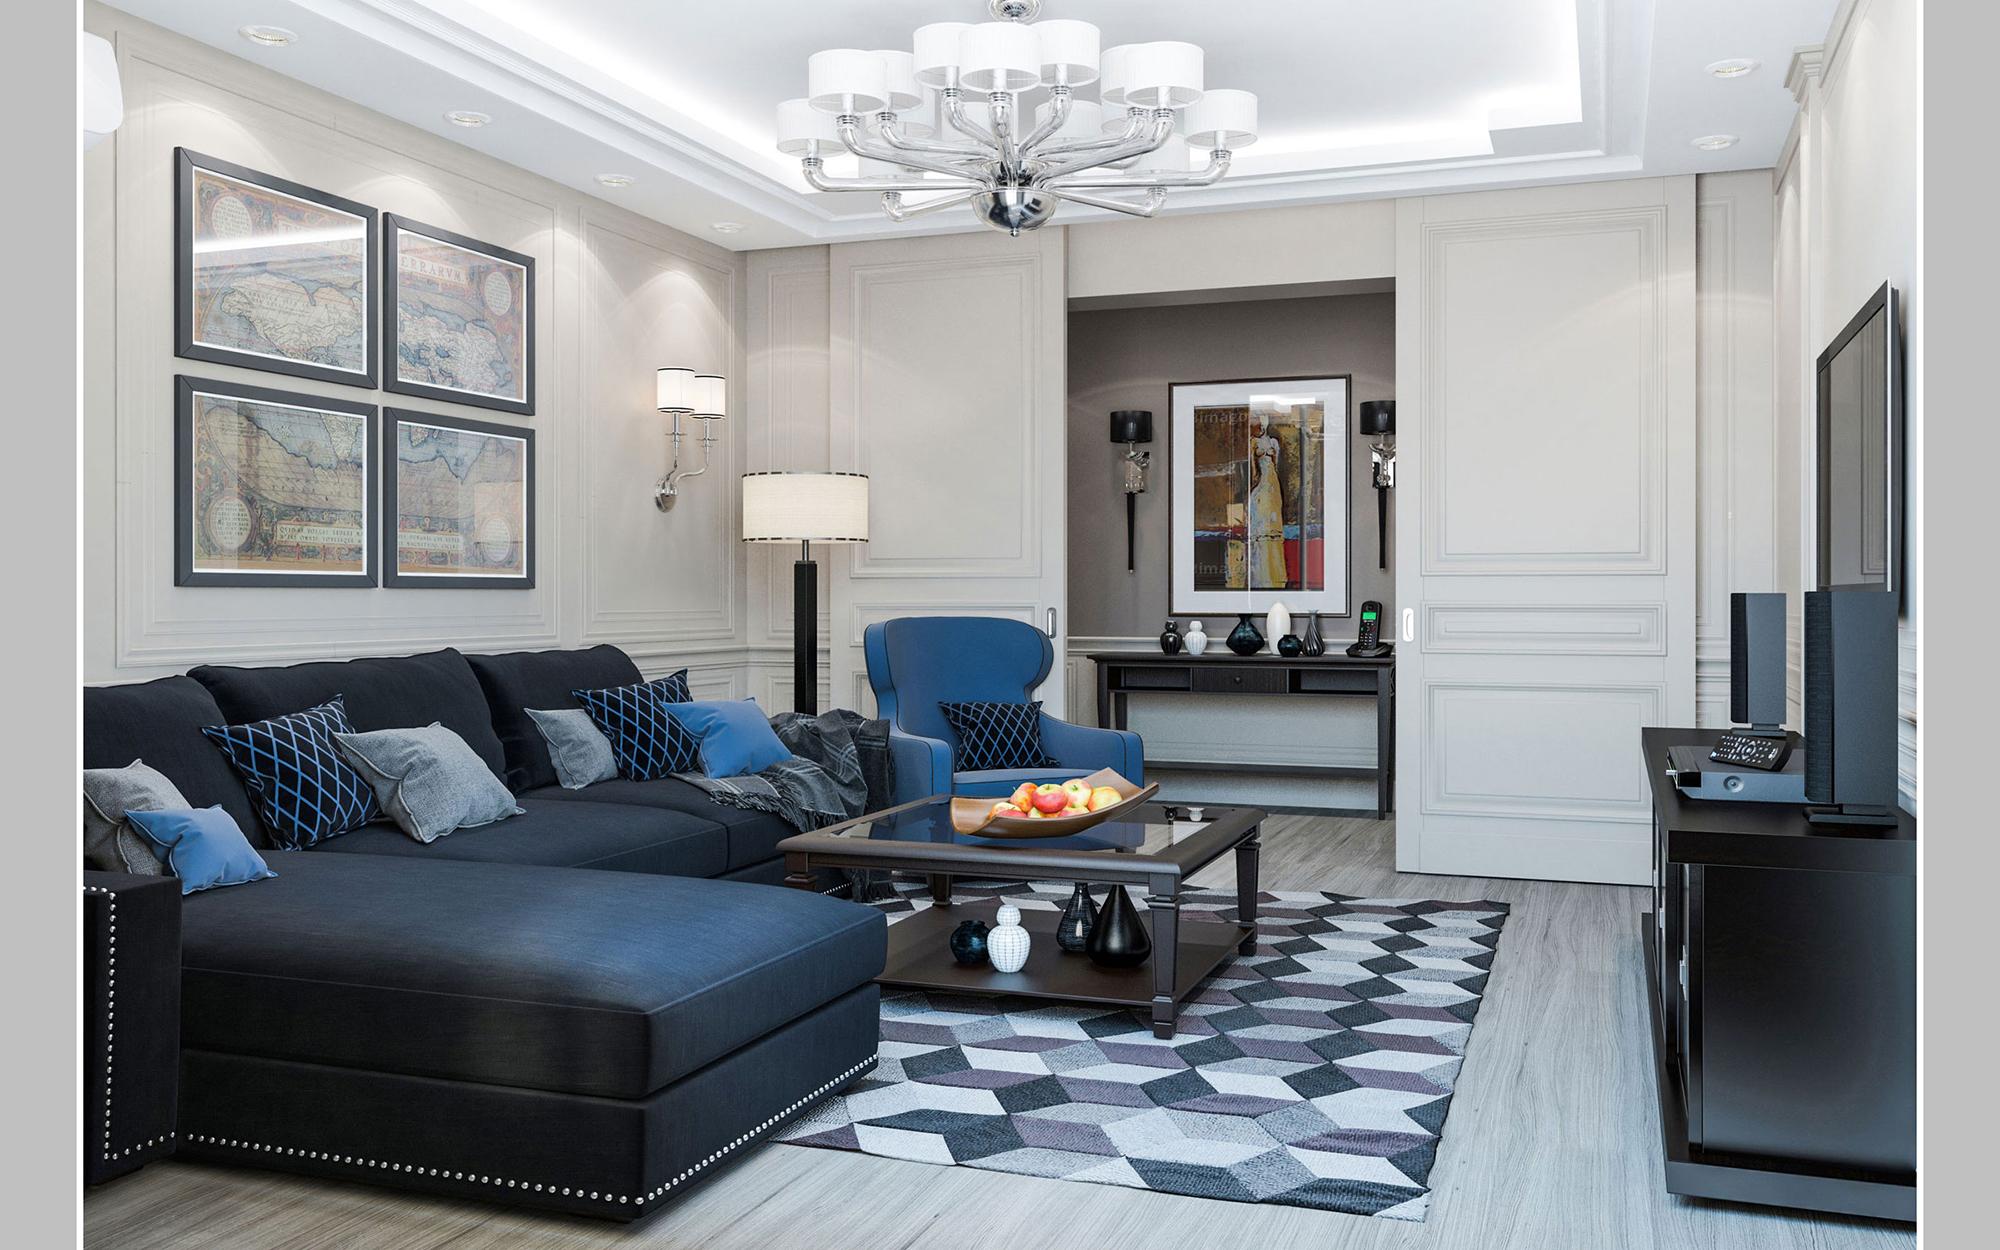 Синий диван и кресло в гостиной